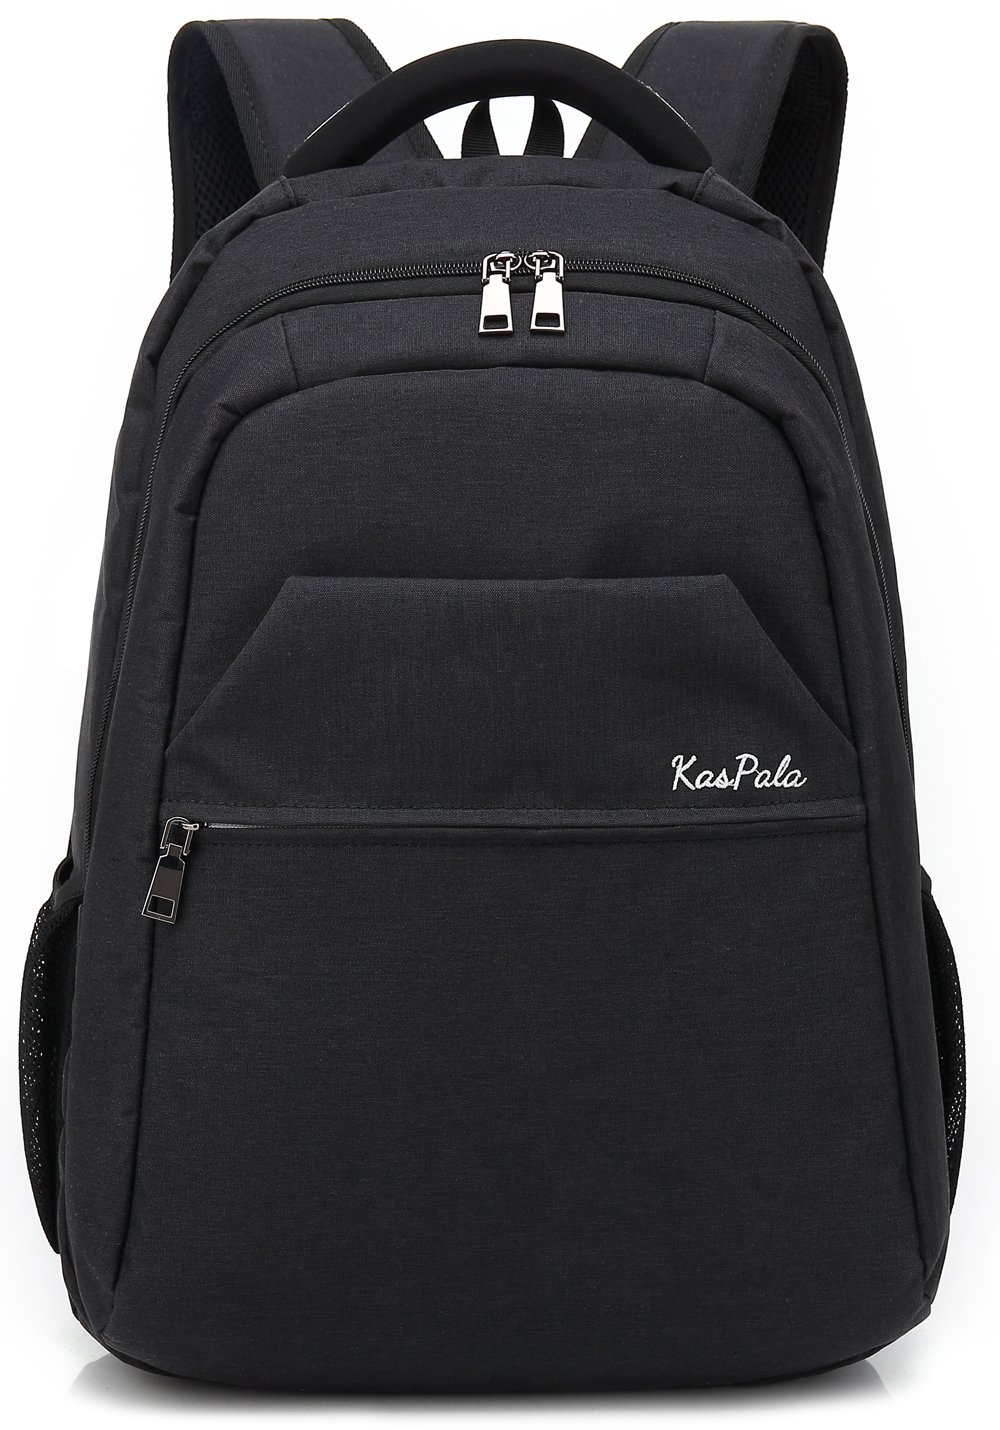 98c3c3f07541 Laptop Backpack Lightweight School College Bag Backpack +Sling Backpack 2  PCS Fits 15.6-inch